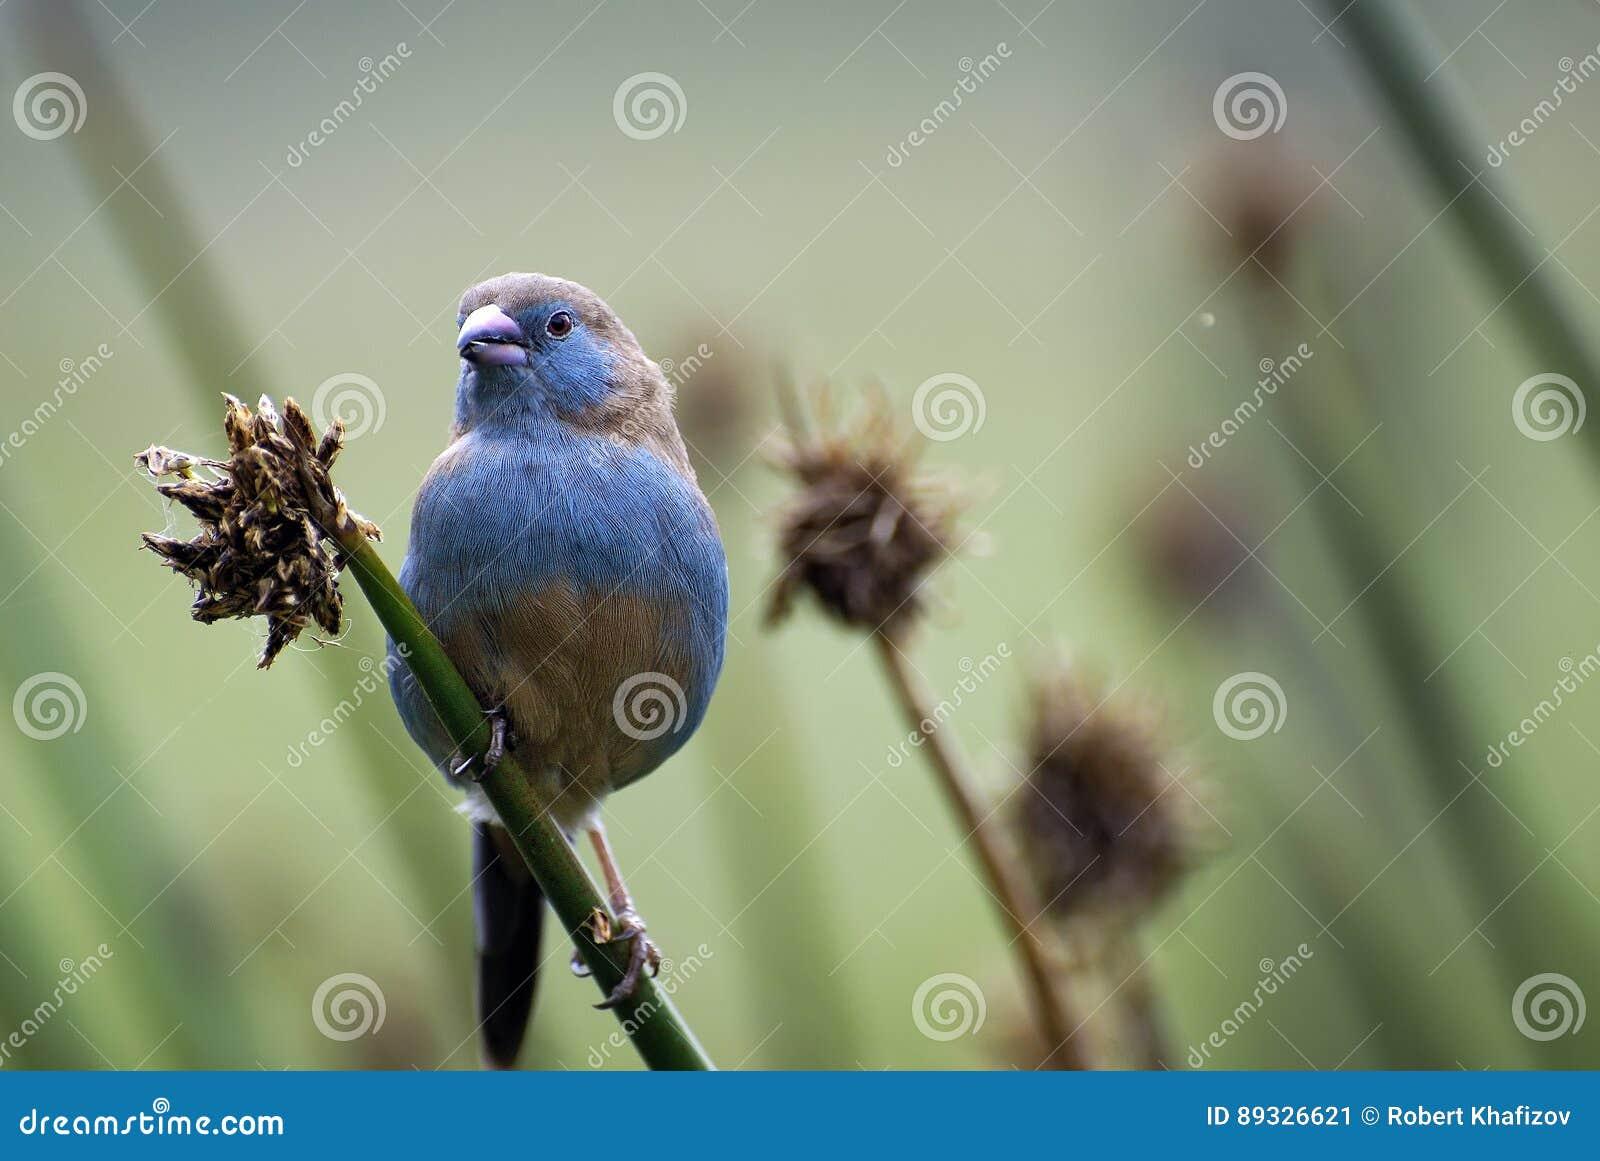 Retrato de un pájaro hermoso, africano, pequeño del color inusual que se sienta en una rama